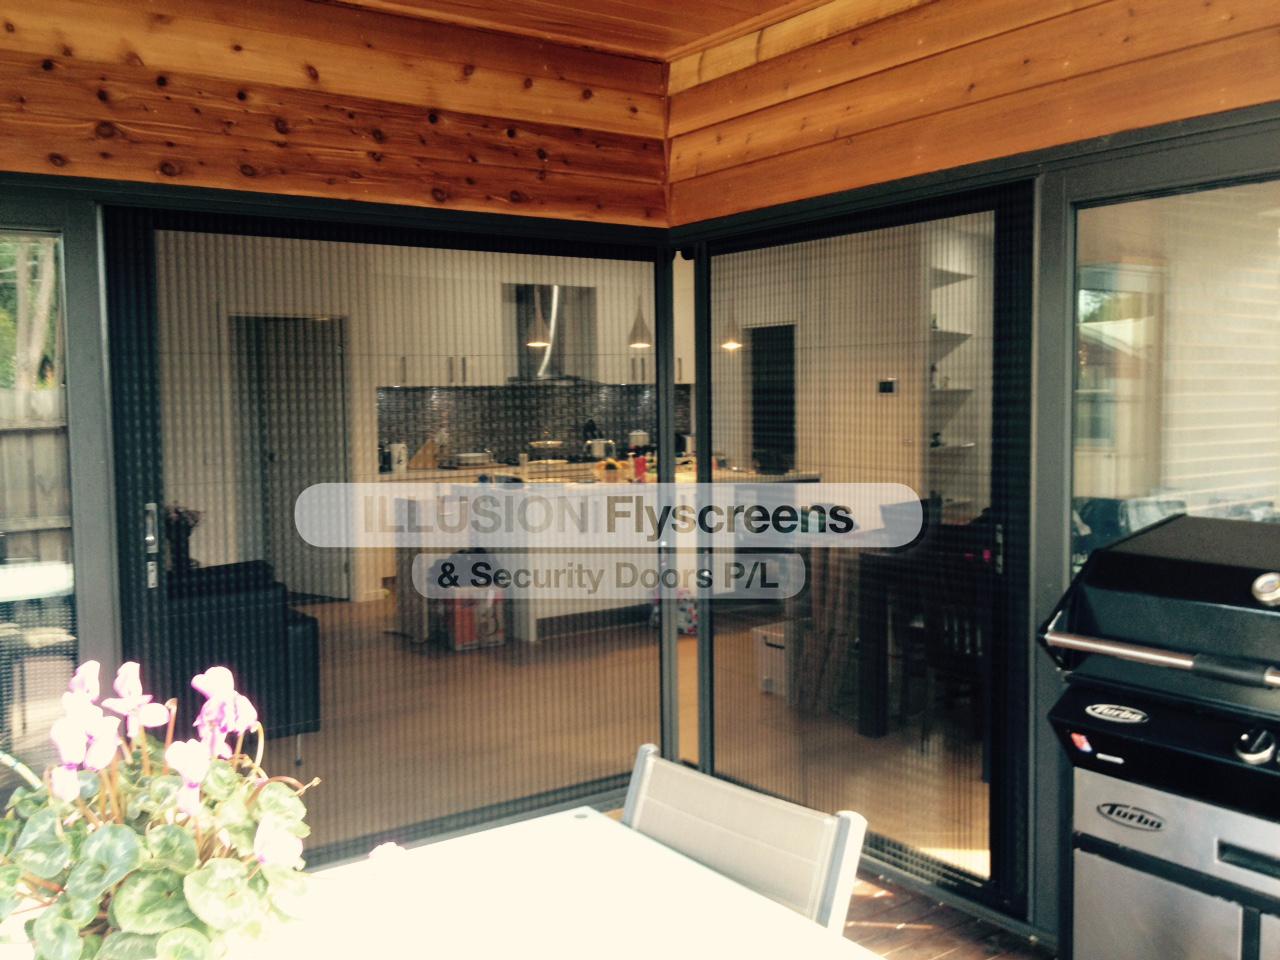 960 #793C21  Screen Gallery Illusion Flyscreens & Security Doors Pty Ltd image Titan Steel Doors 5931280